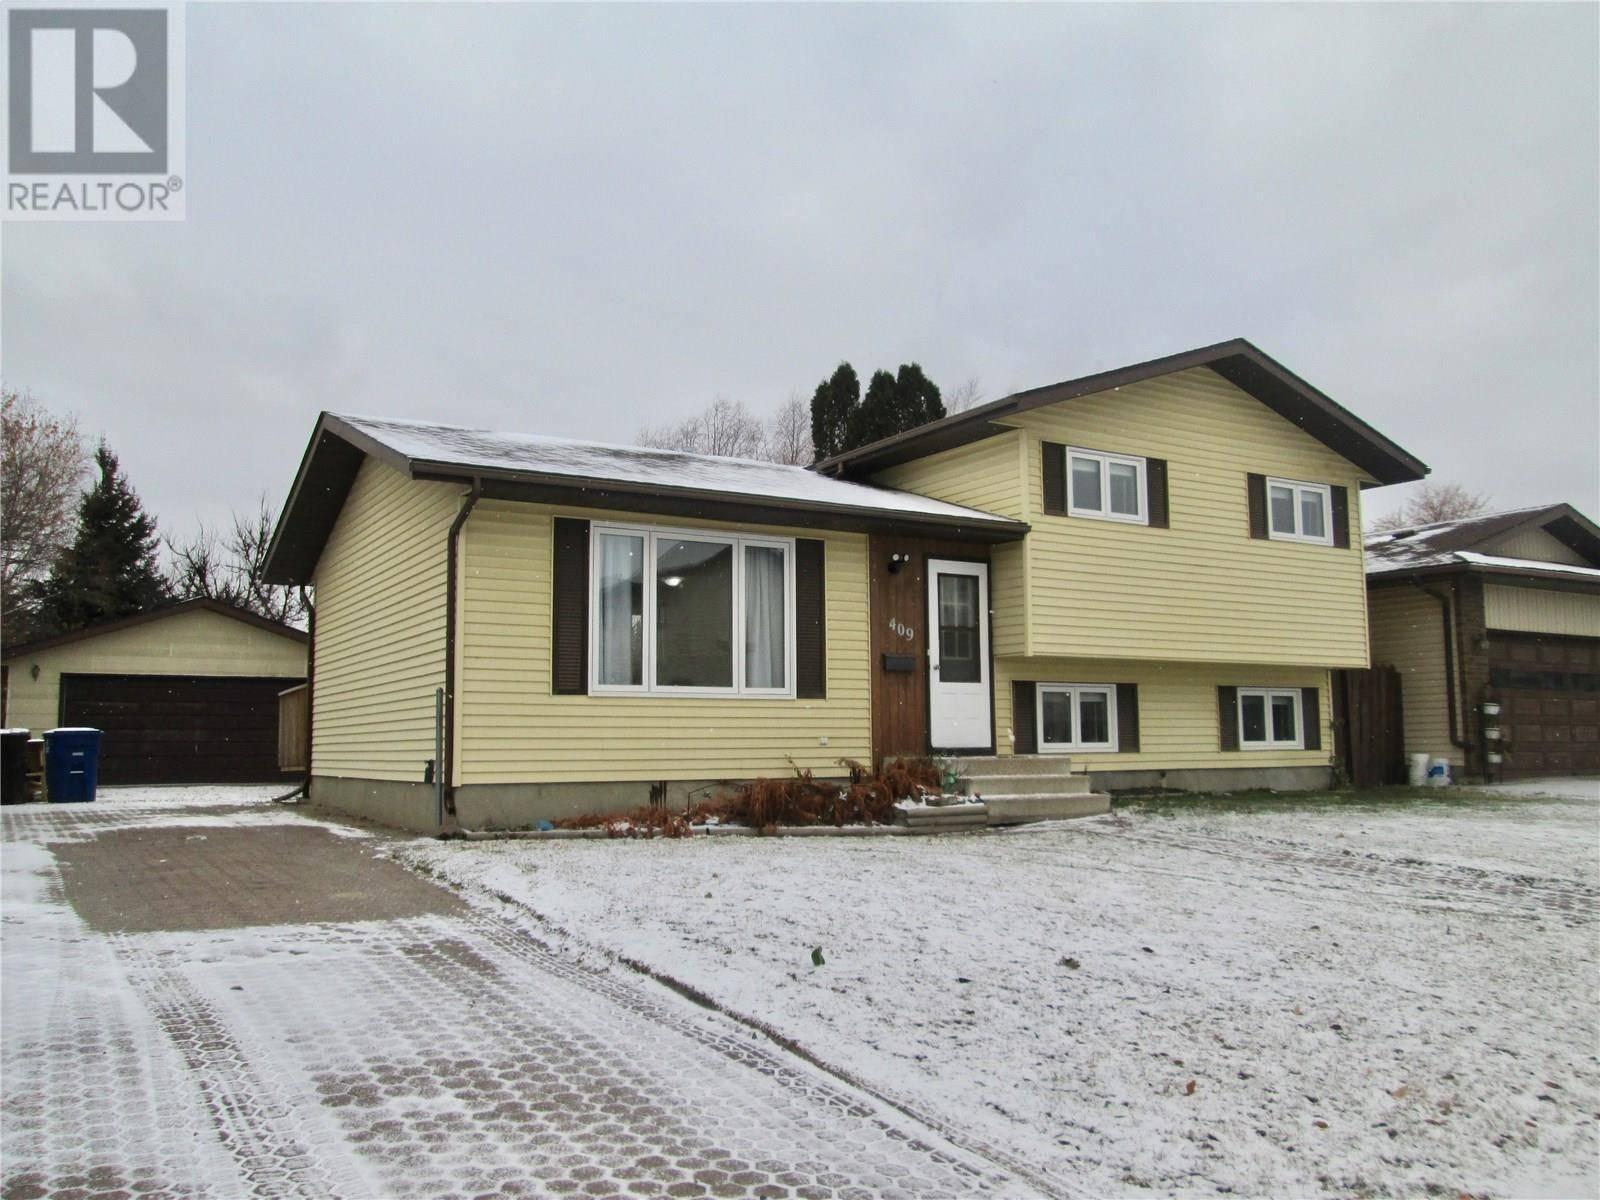 House for sale at 409 Reid Rd Saskatoon Saskatchewan - MLS: SK790121